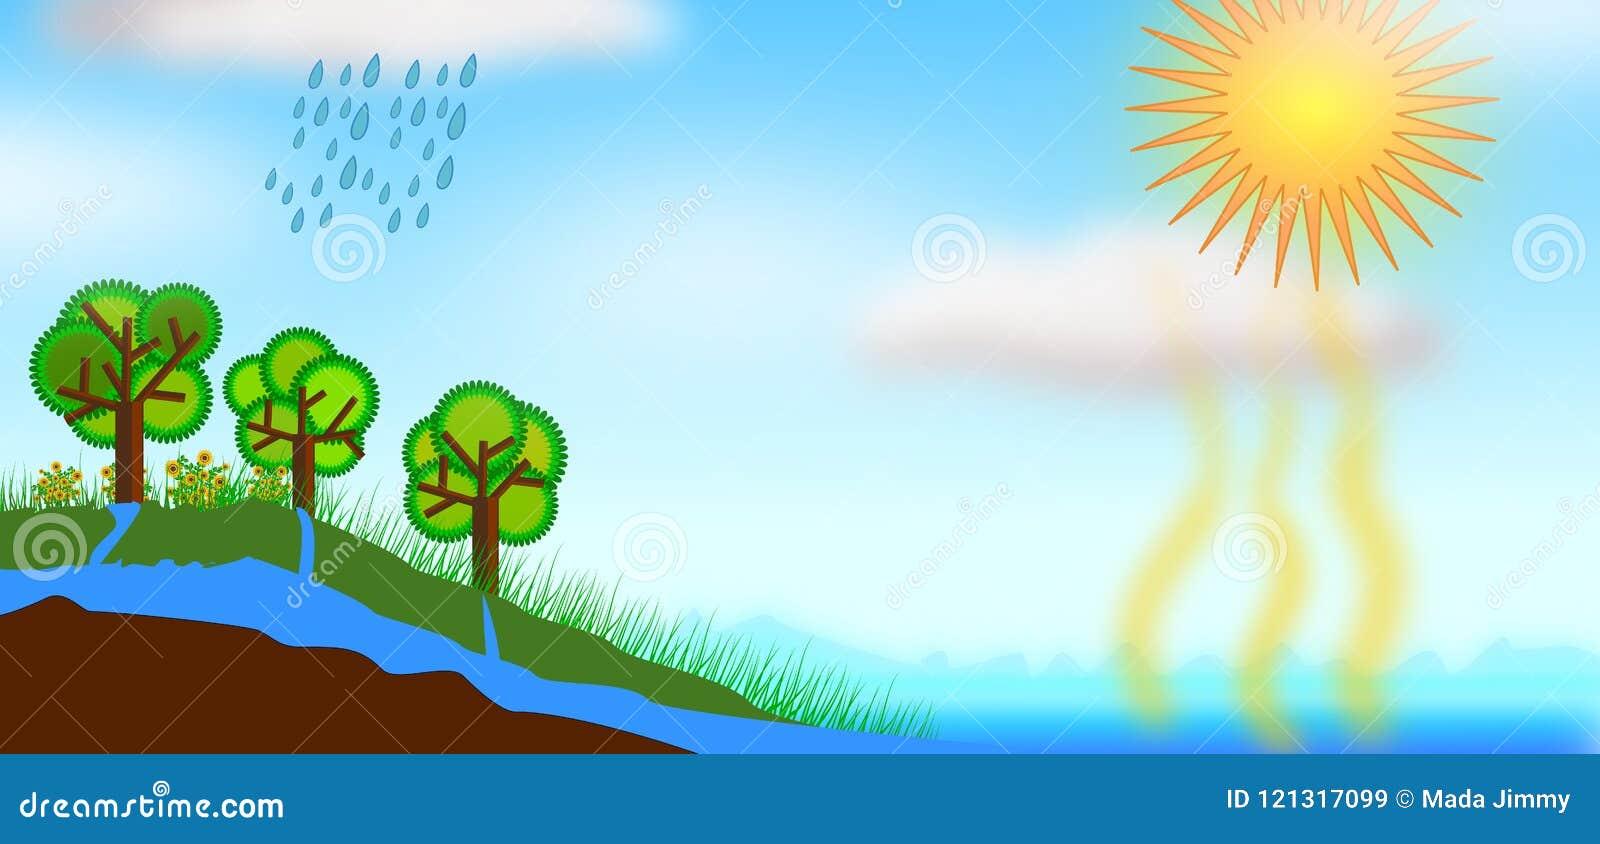 水周期概念例证